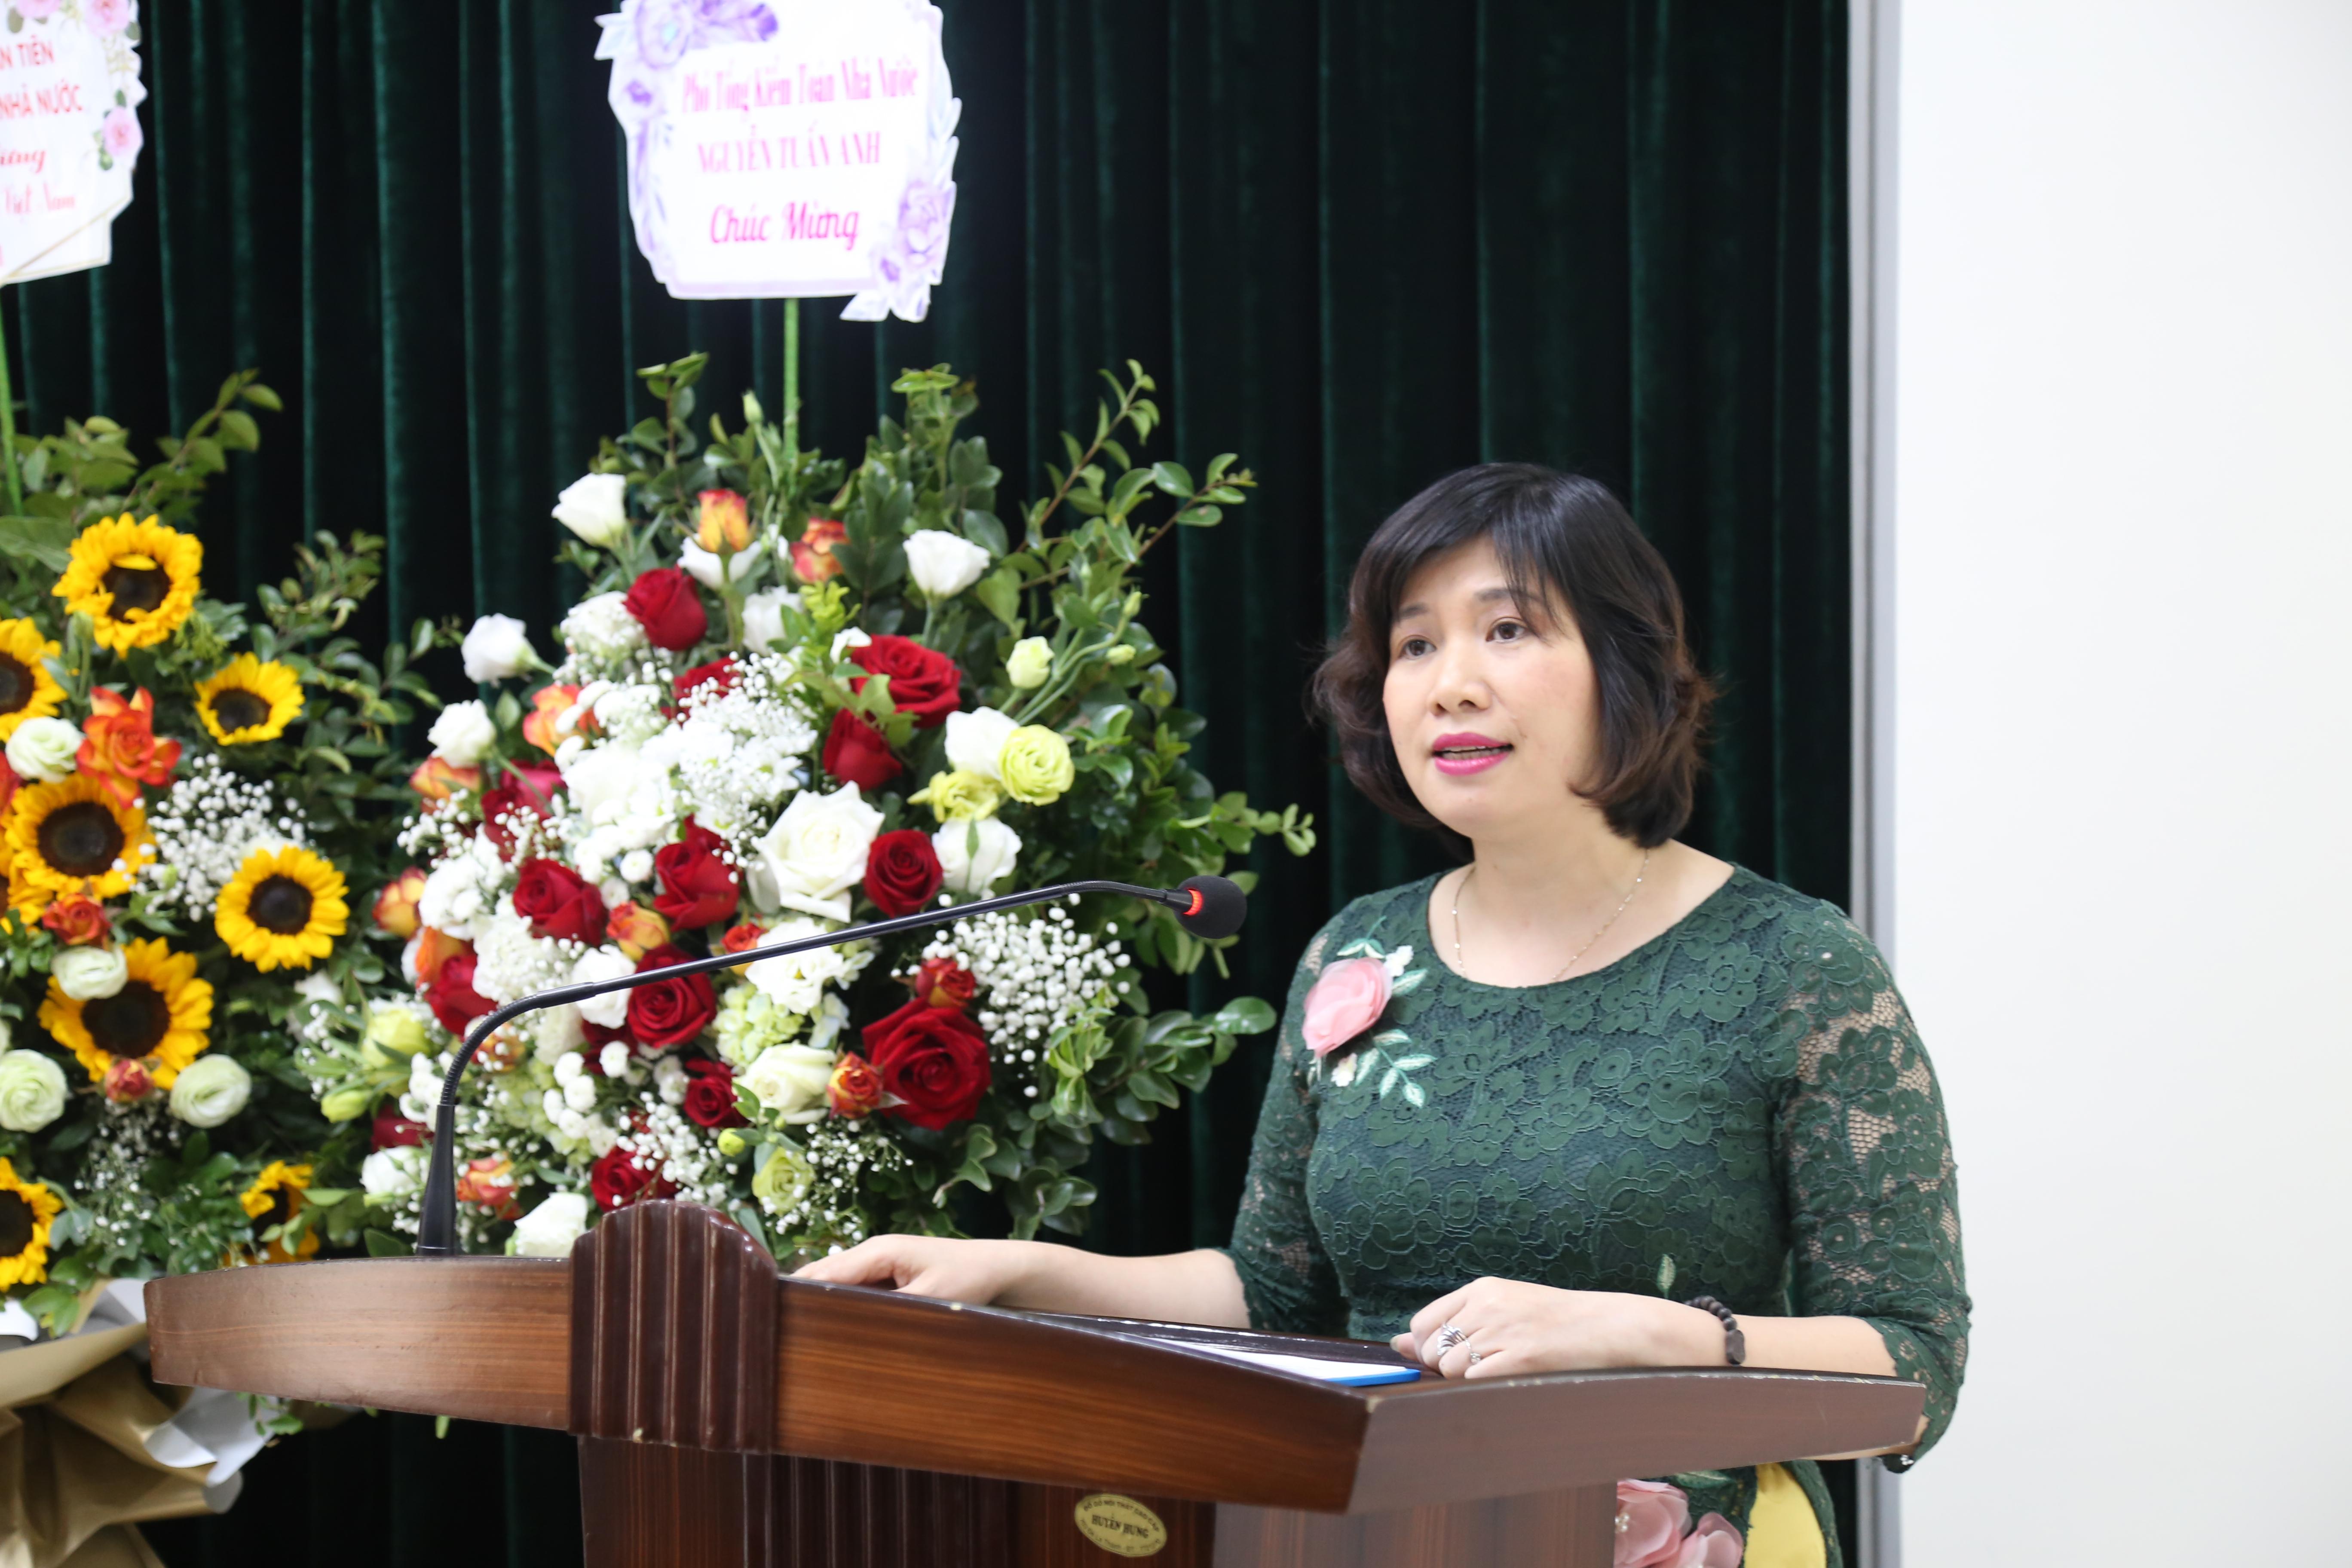 Trường  ĐT&BD nghiệp vụ kiểm toán tổ chức lễ kỷ niệm Ngày nhà giáo Việt Nam 20/11